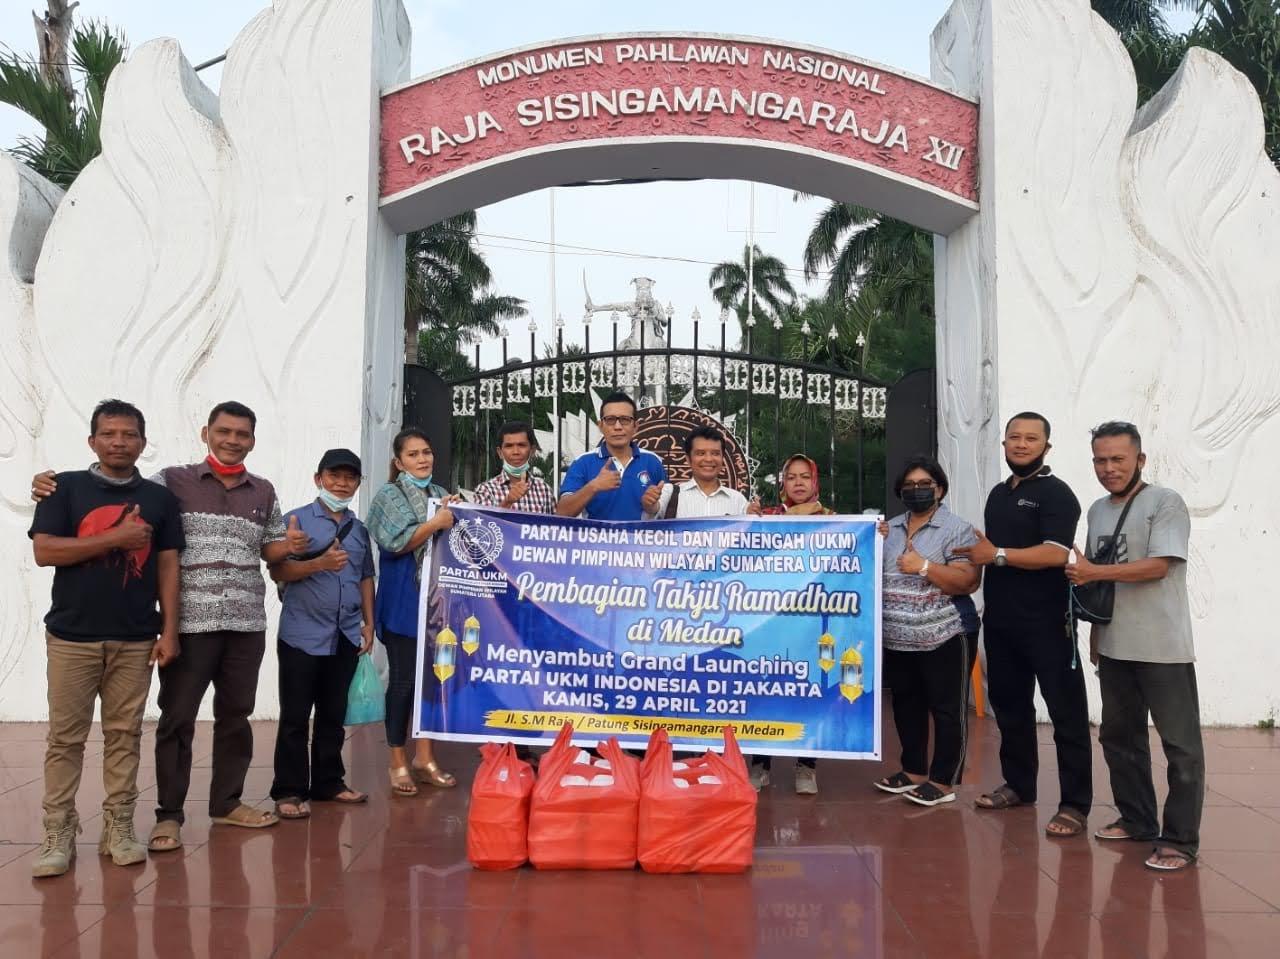 Meriahkan Grand Launching Partai UKM, DPW Partai UKM Sumut Bagikan Takjil Gratis di Kota Medan